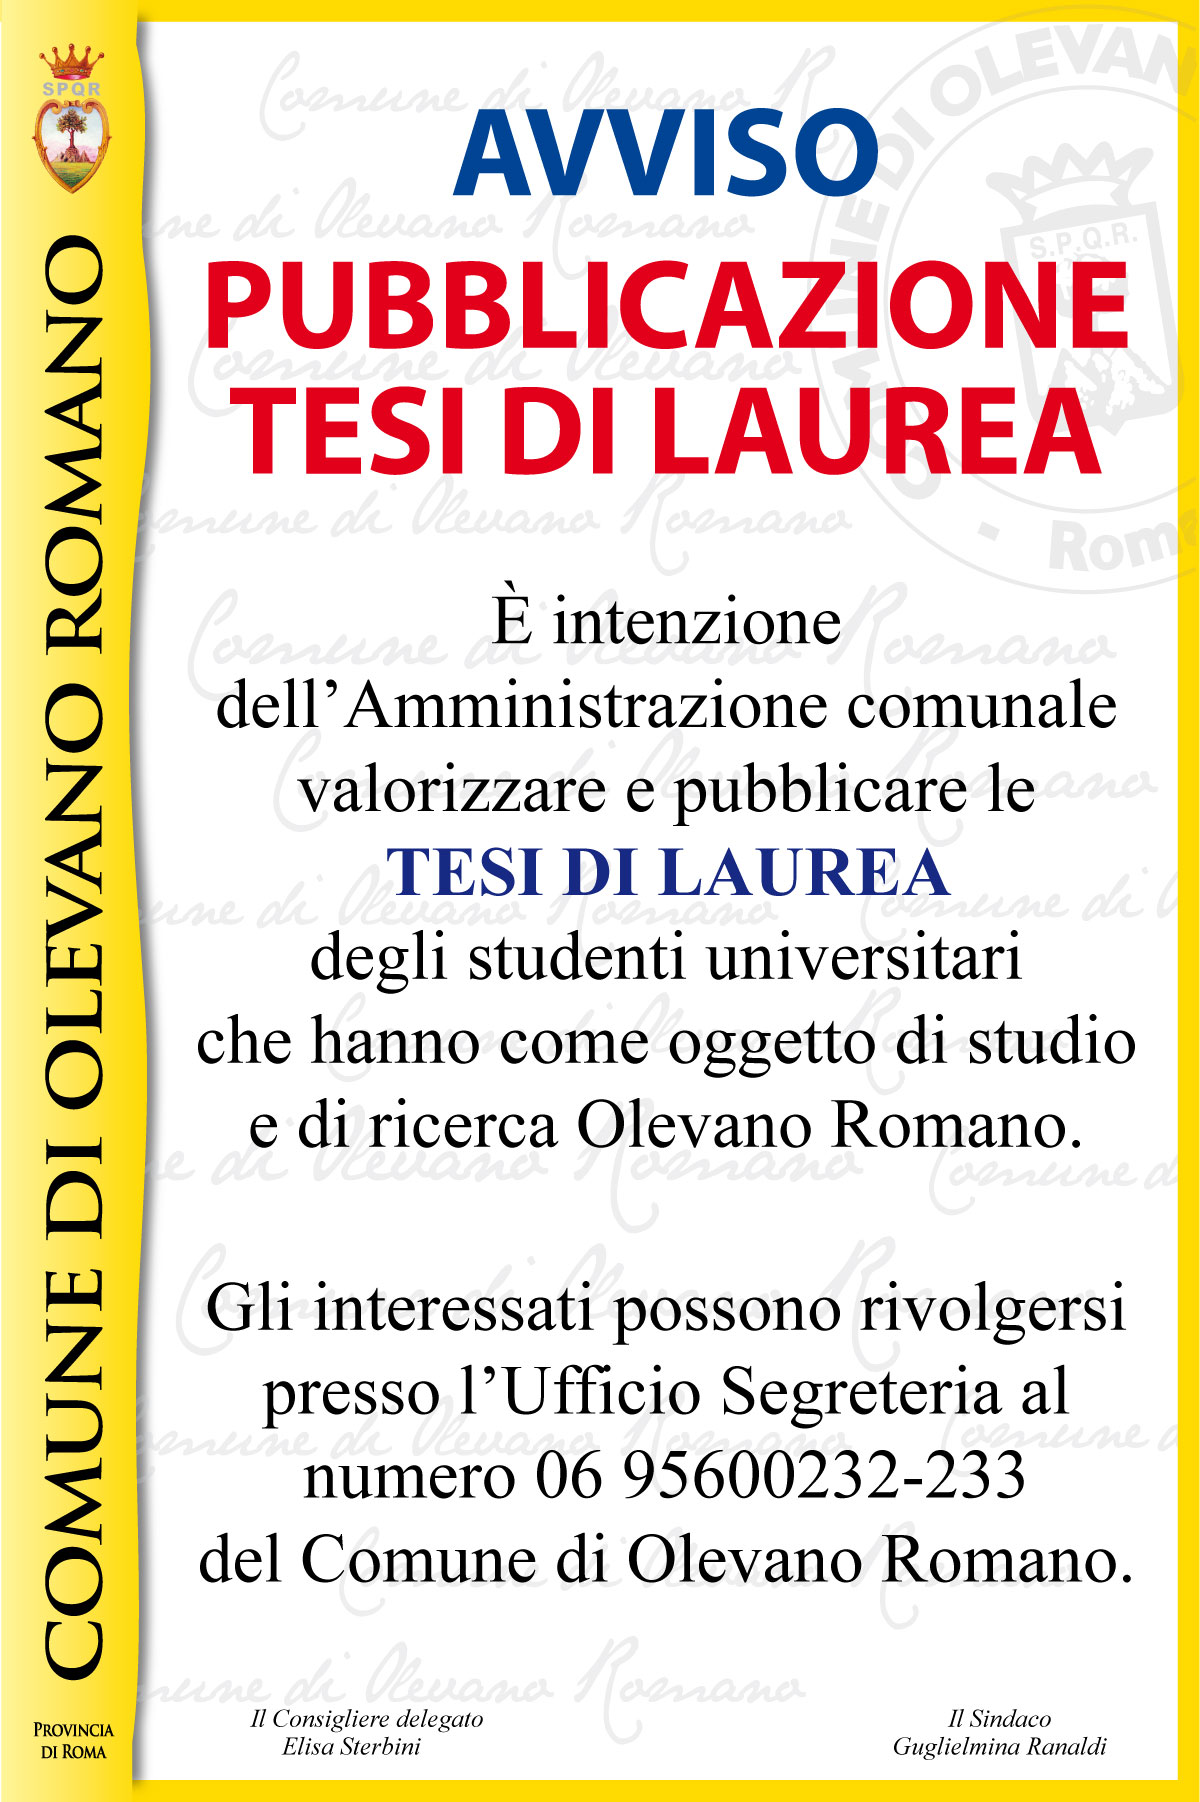 https://www.comune.olevanoromano.rm.it/immagini_pagine/public/locandina/70-Tesi-di-laurea-su-olevano-romano.jpg